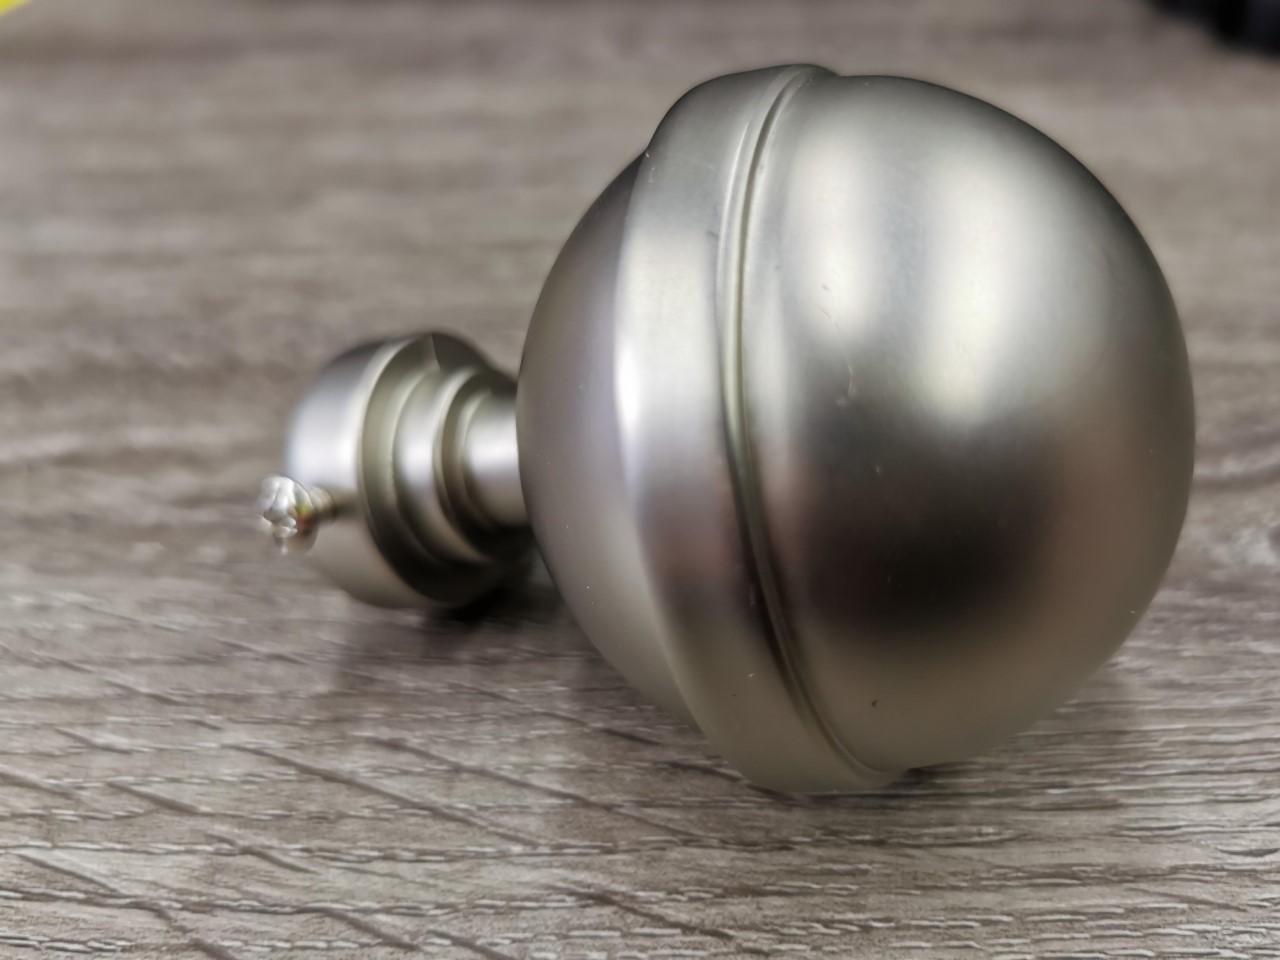 25mm tankopääty pallo matta hopea